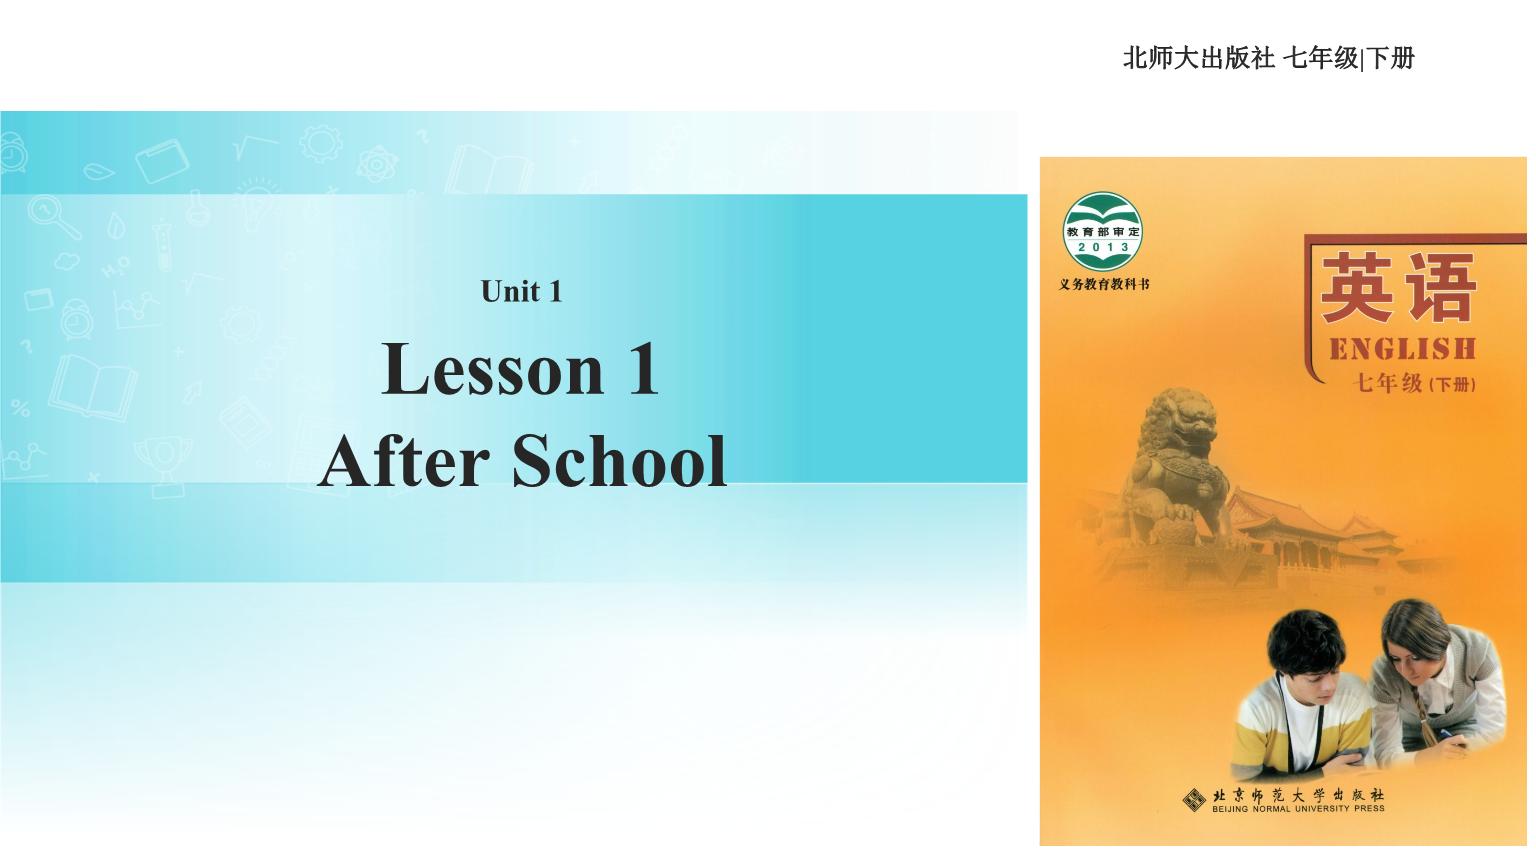 2018秋期北师大版七年级下册英语课件:Unit 1 Lesson 1.ppt